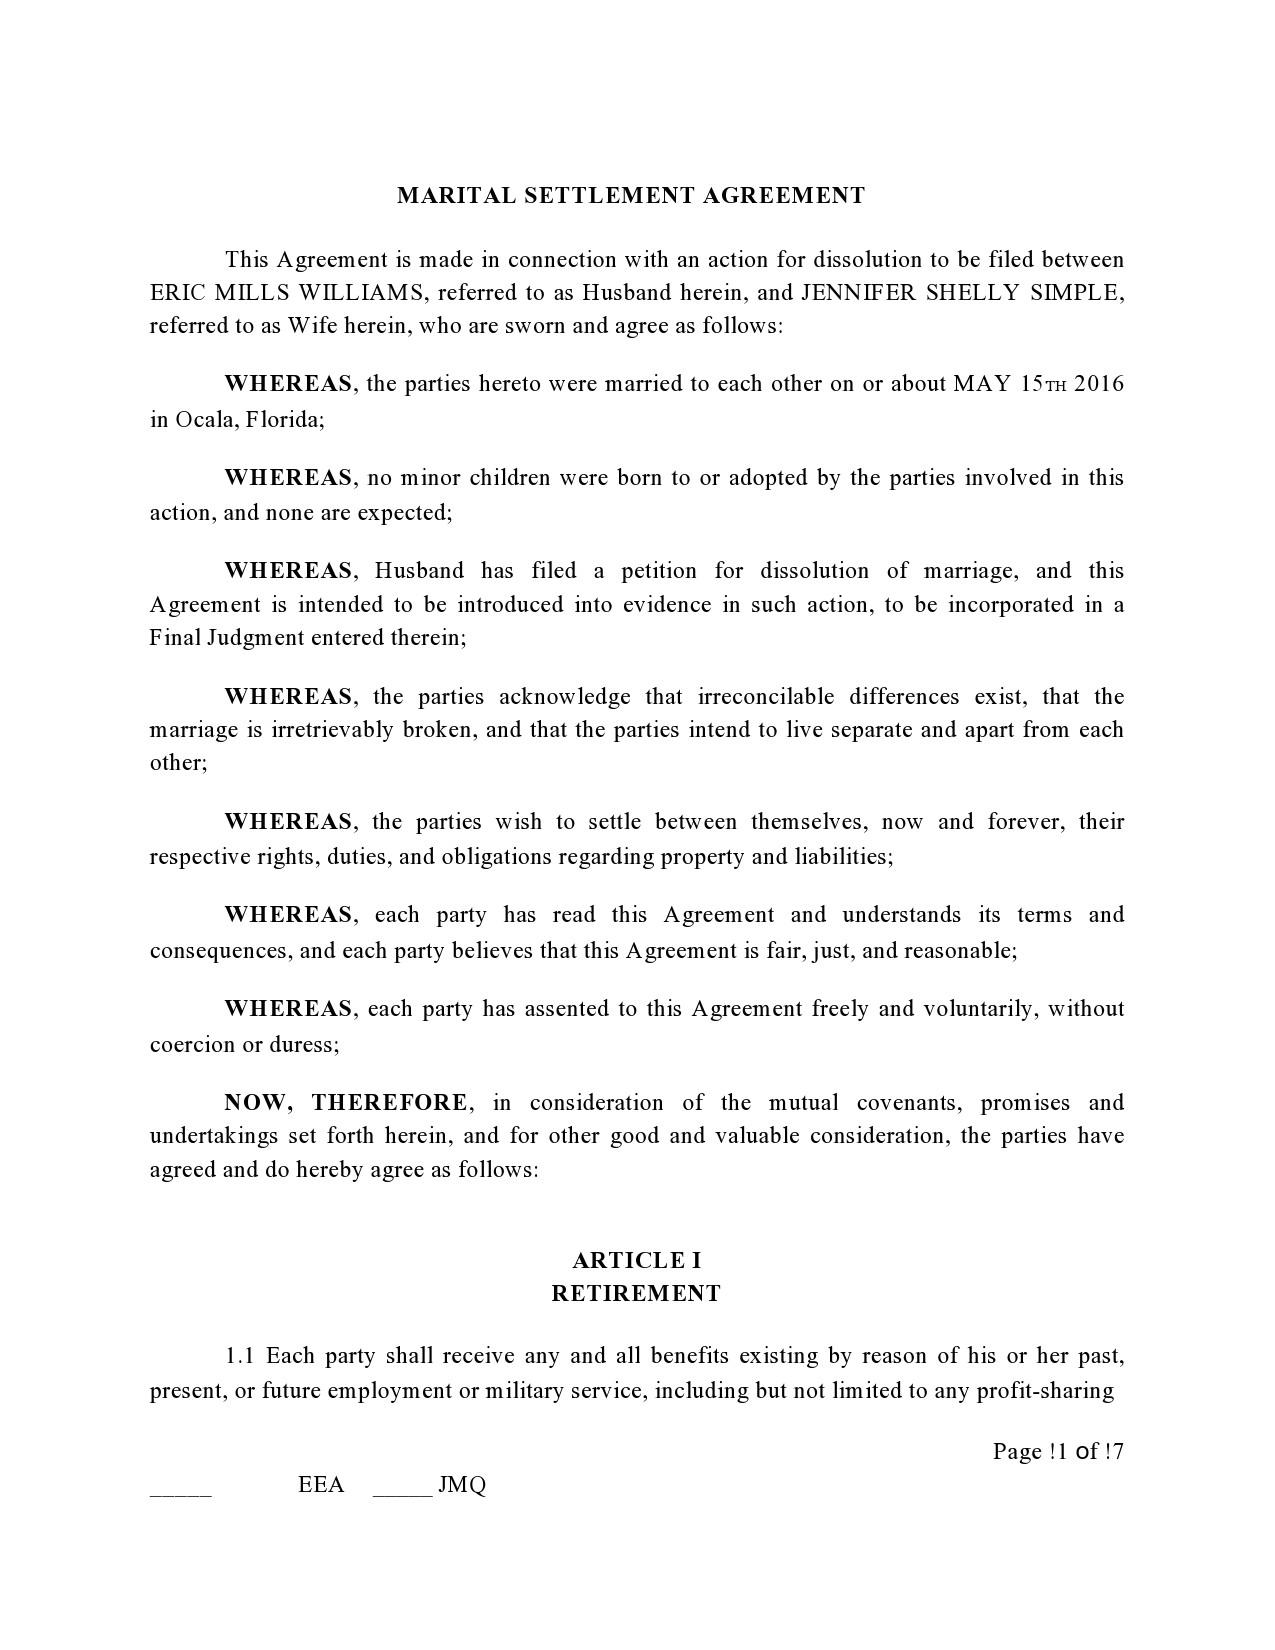 Free marital settlement agreement 10